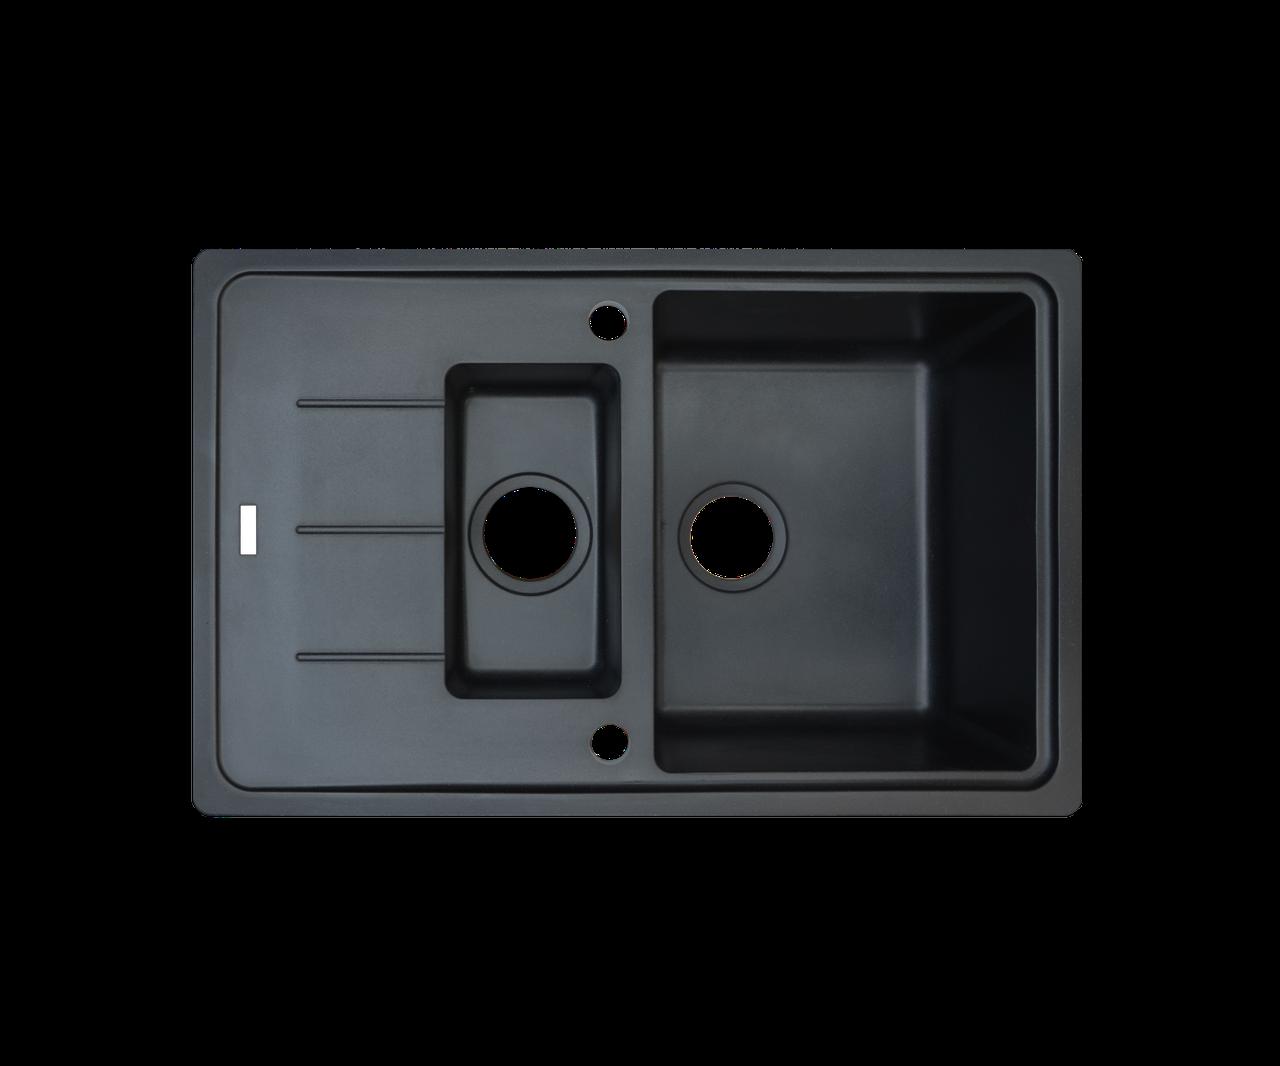 Кухонная мойка Borgio (гранит) PRFC 780x500 (черная)